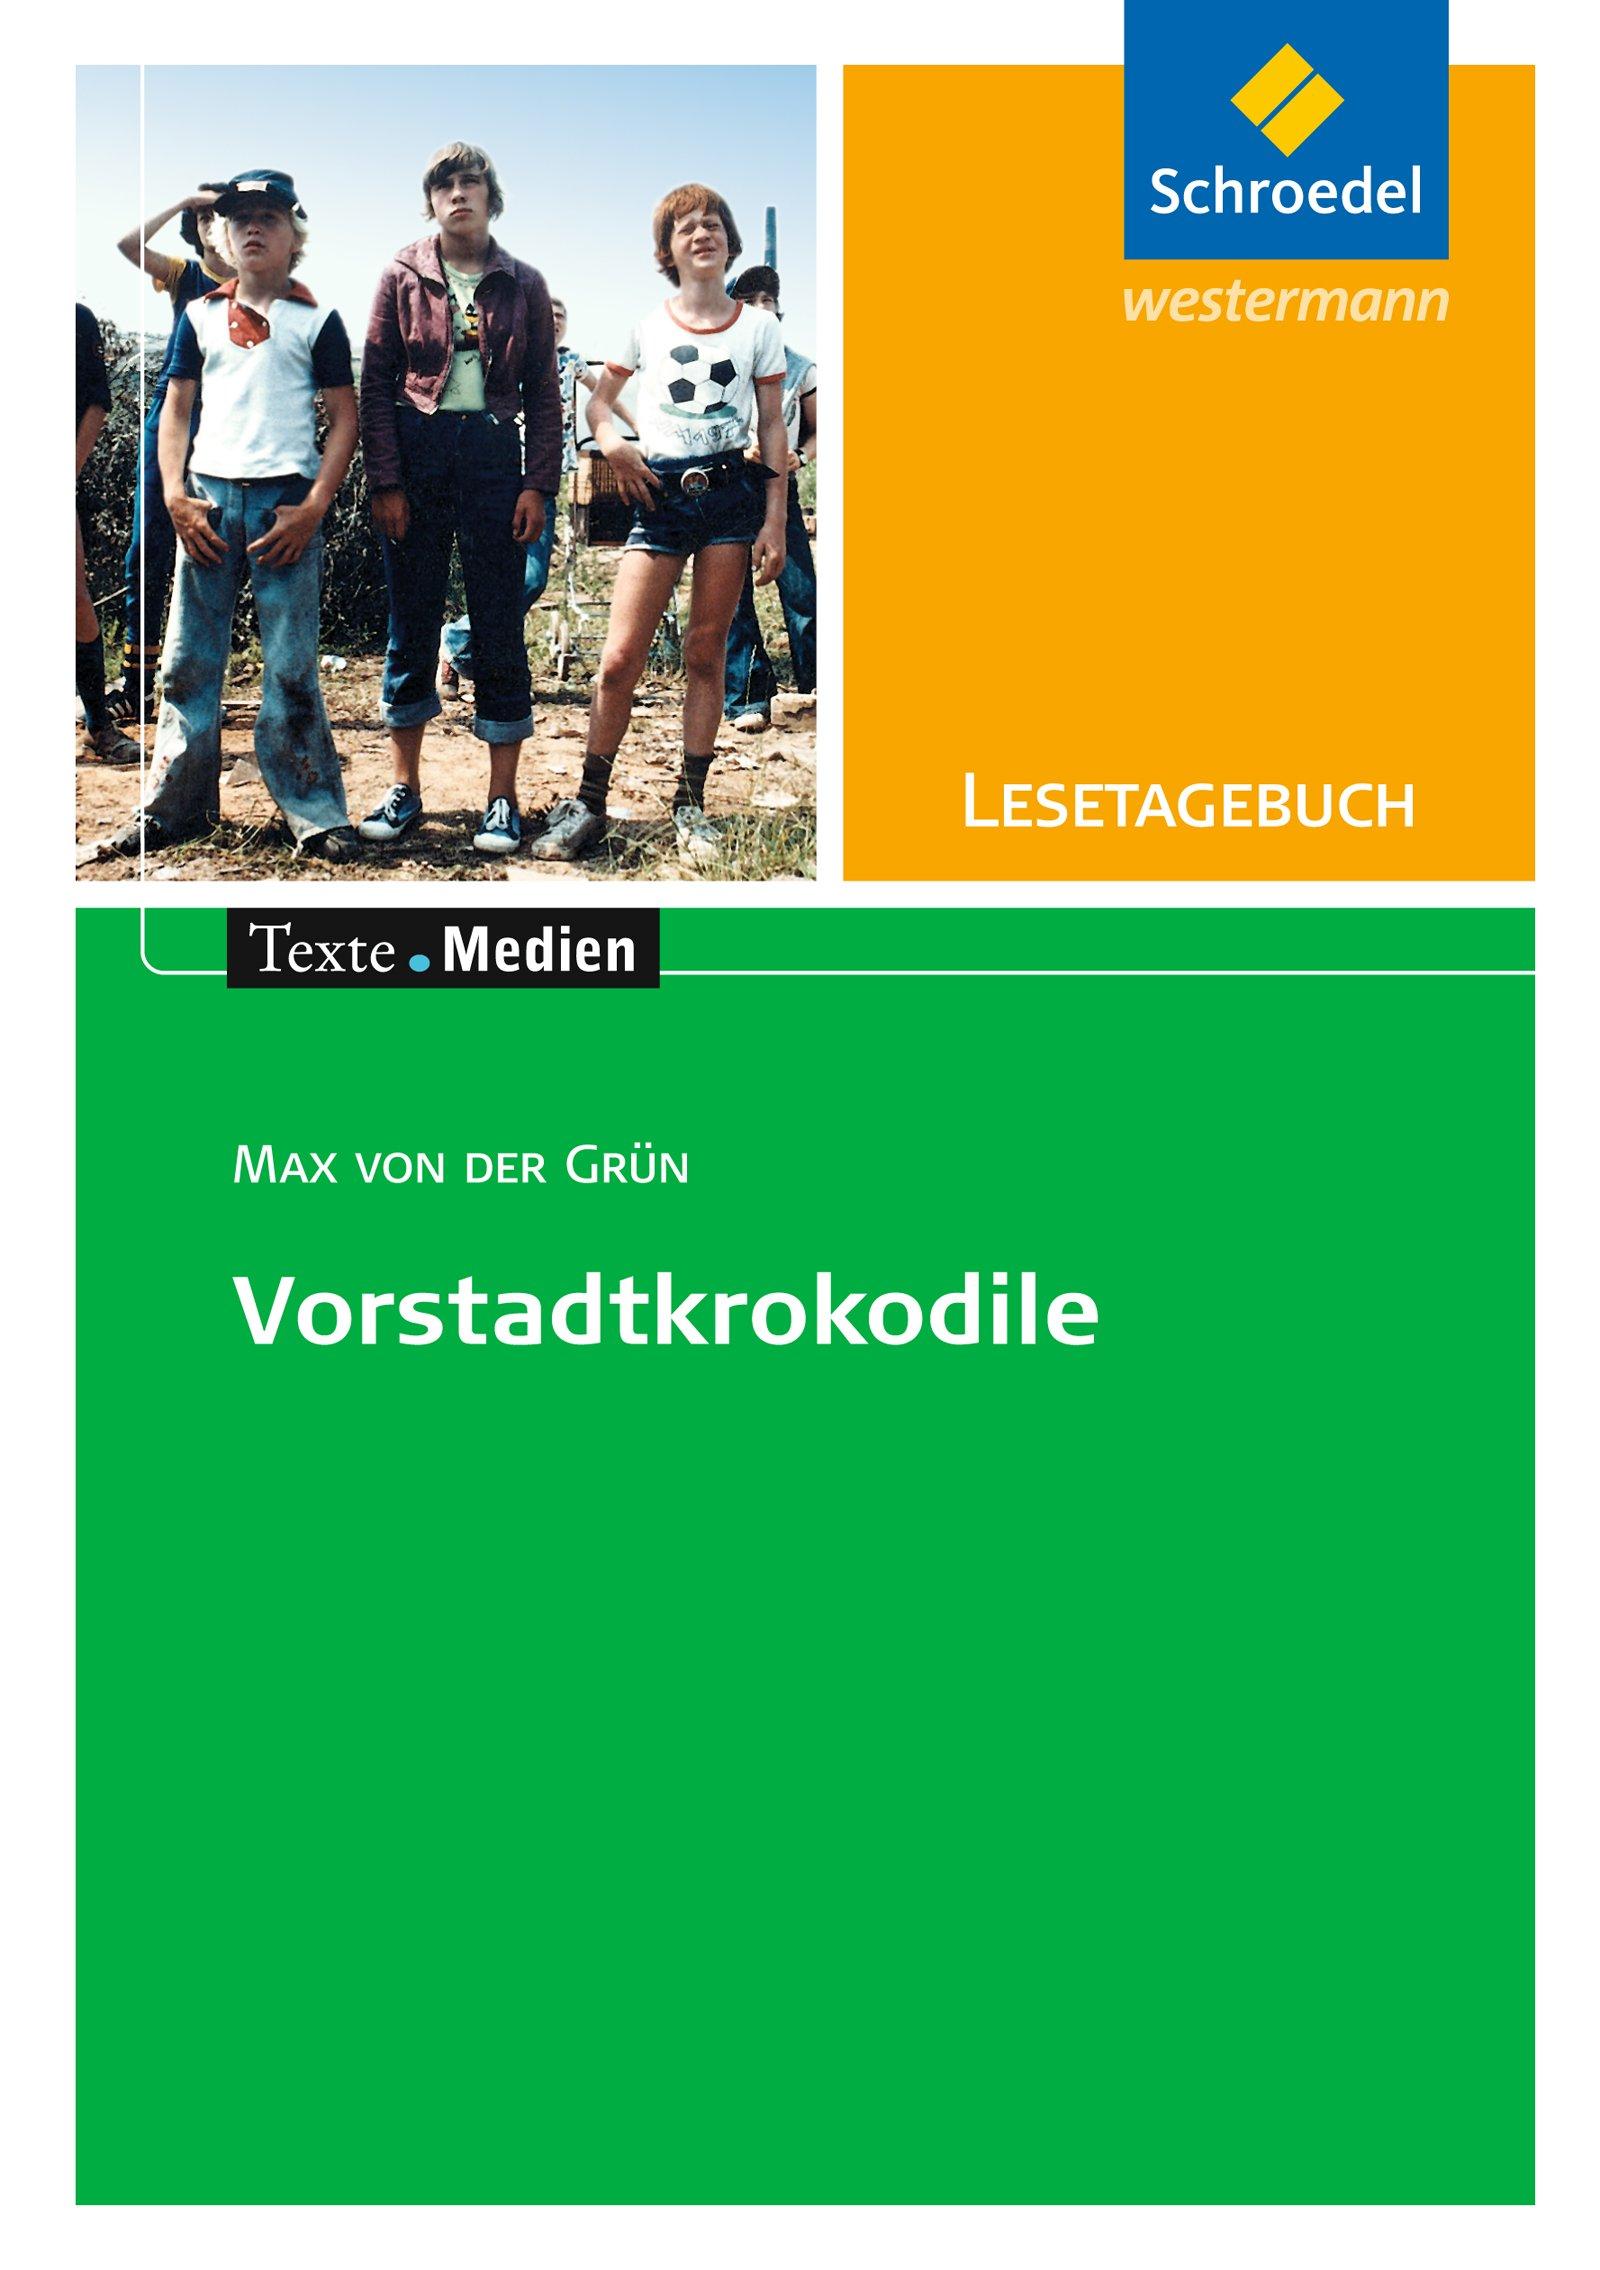 Texte.Medien: Max von der Grün: Die Vorstadtkrokodile: Lesetagebuch Einzelheft